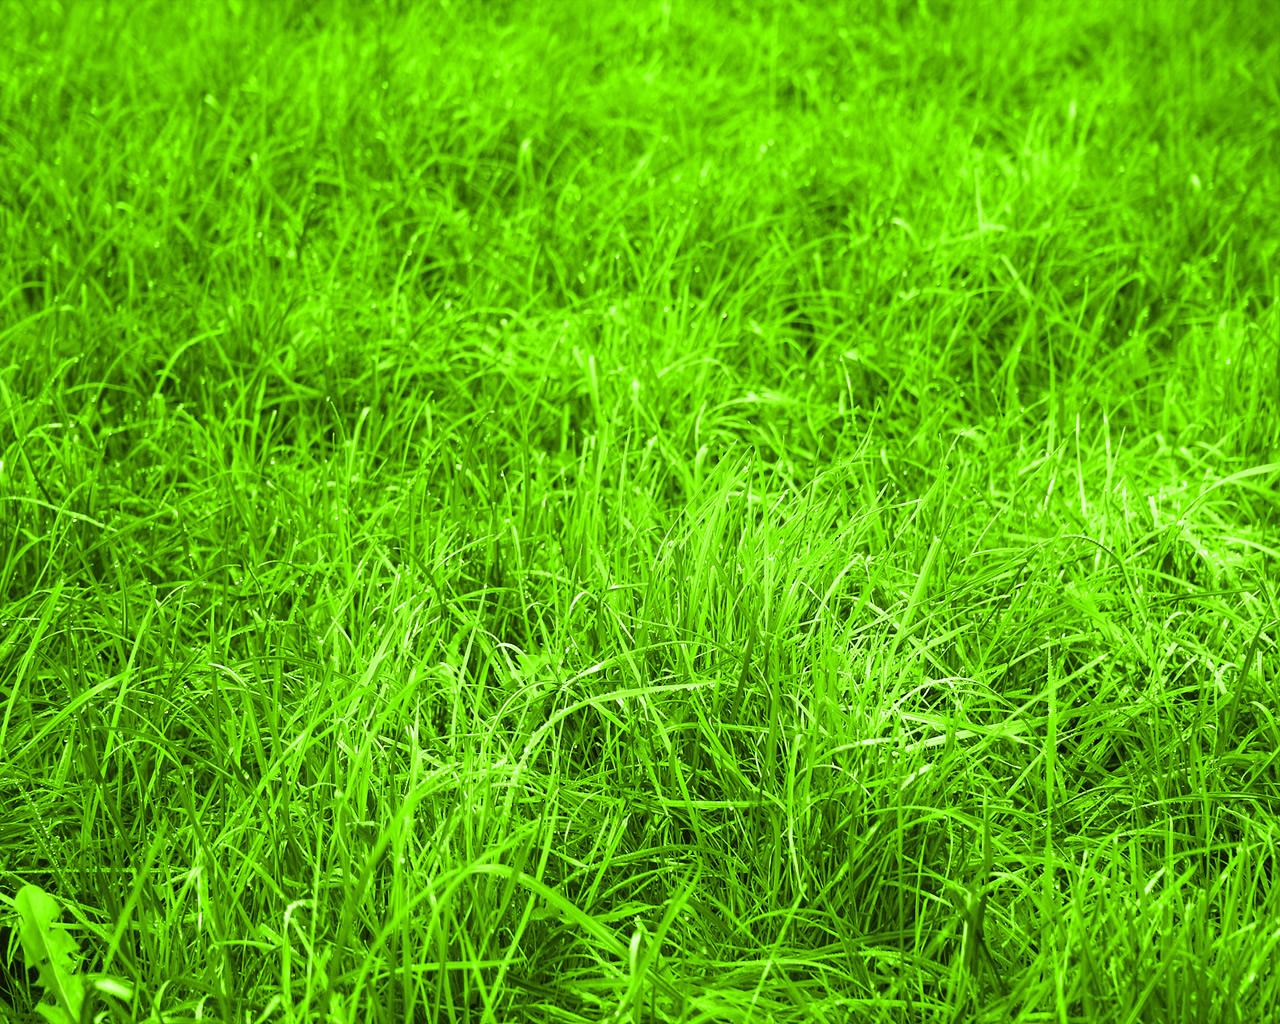 Трава зеленая, газон, обои для рабочего стола, текстура для дизайна